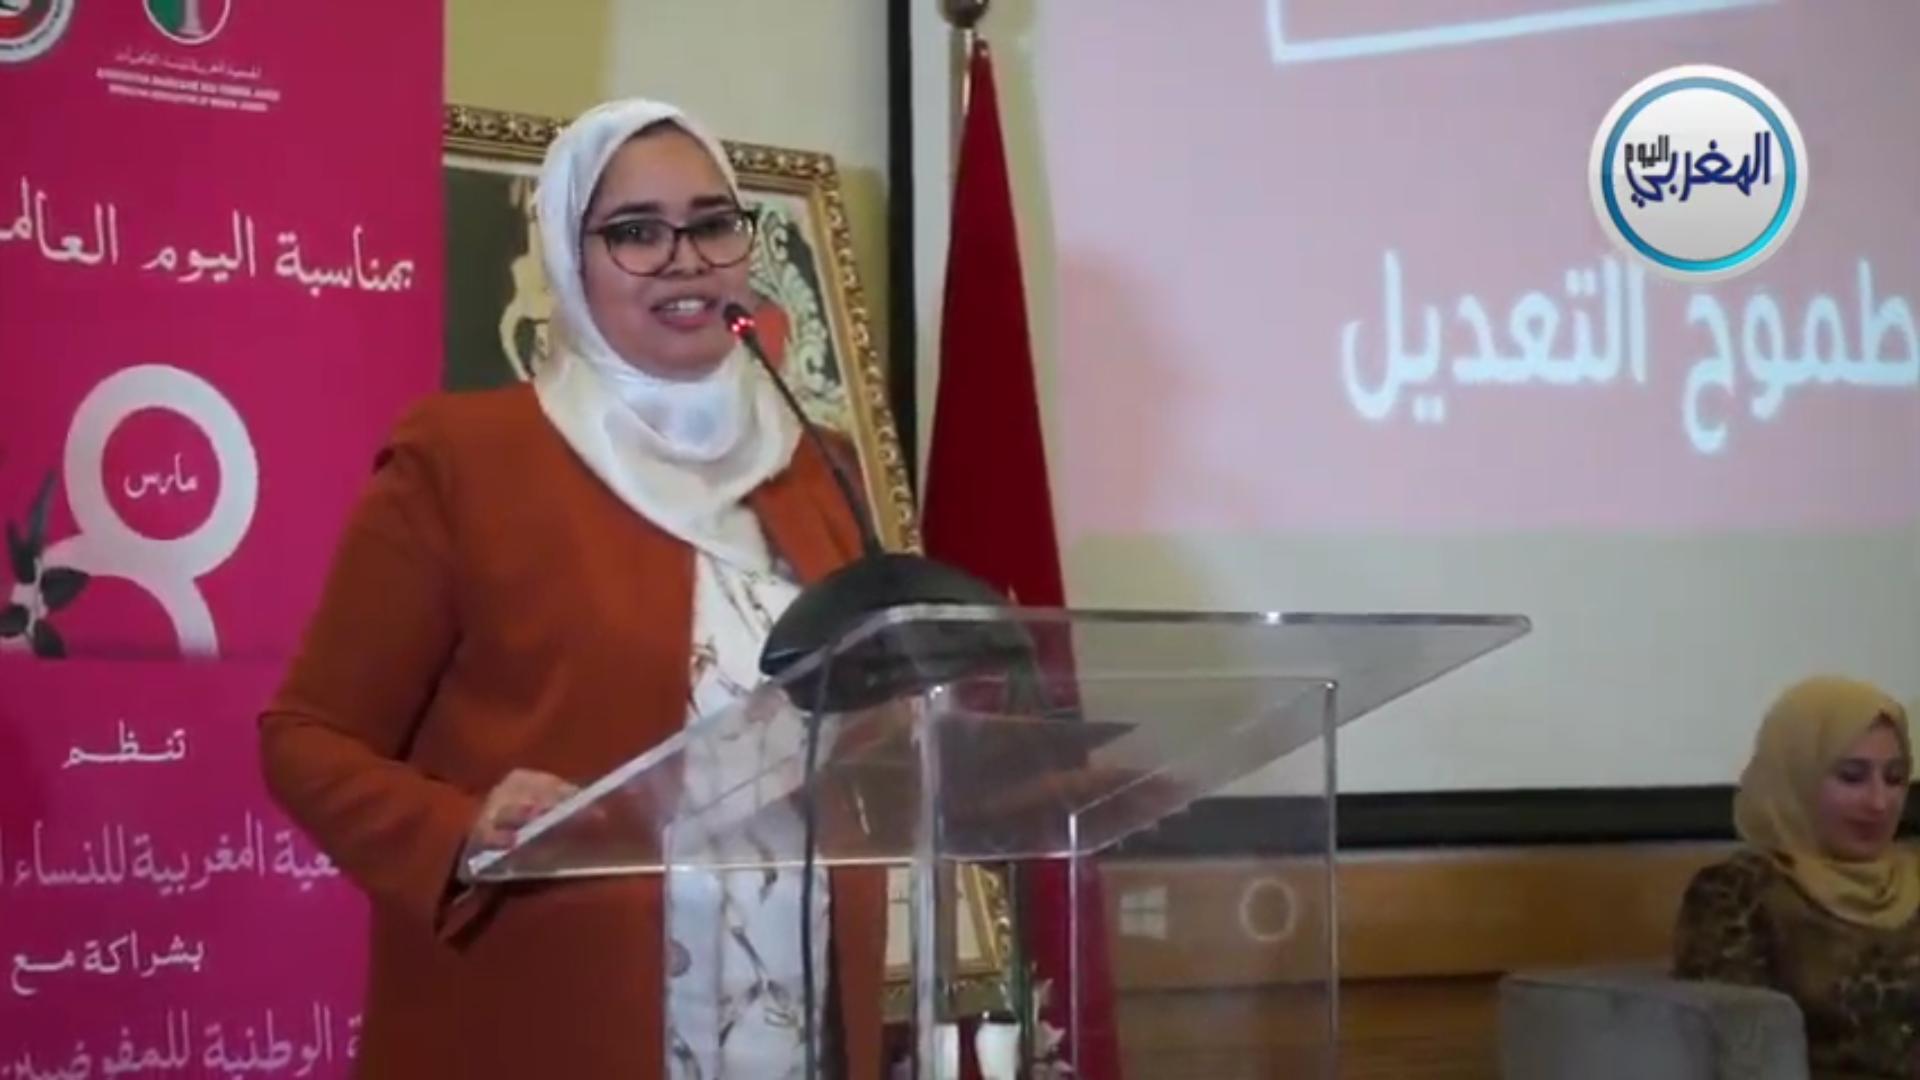 بالفيديو… الجمعية المغربية للنساء القاضيات تسرق الأضواء في اليوم العالمي للمرأة